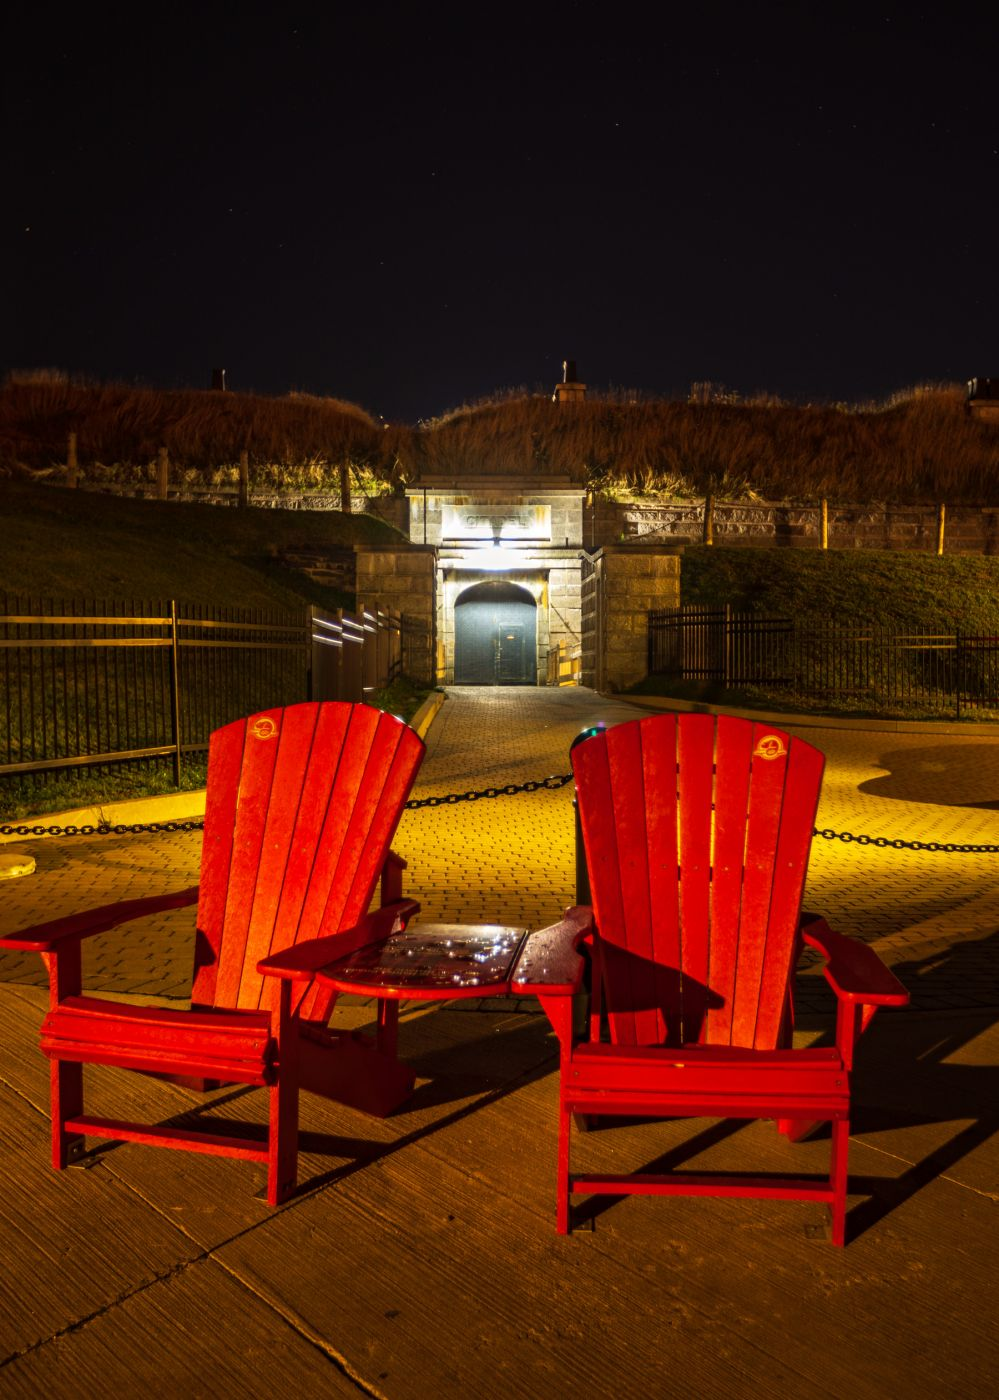 Entrance to the Citadel fort Halifax, Nova Scotia, Canada